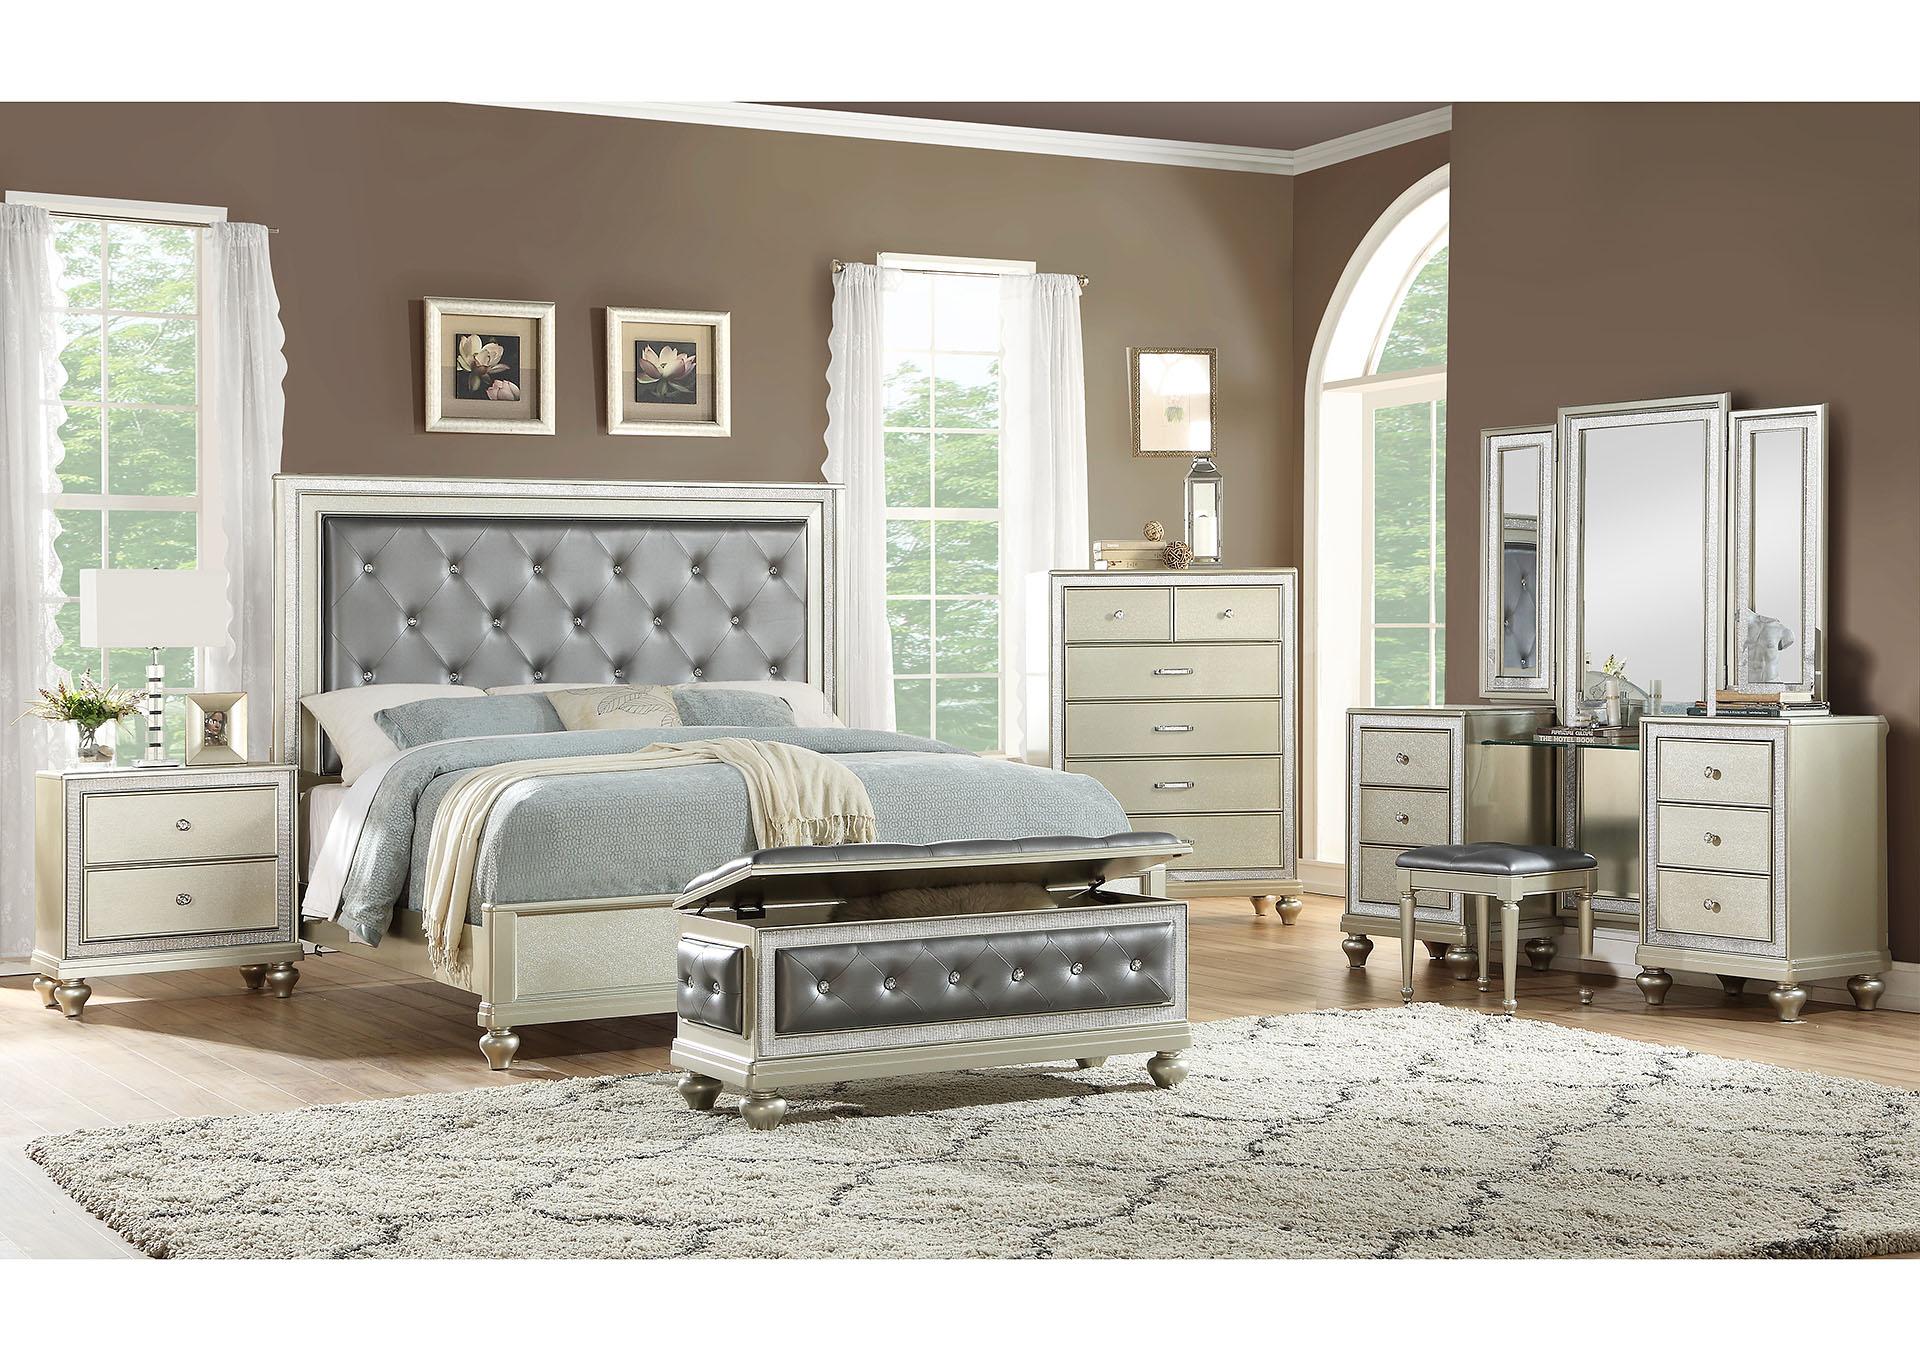 Champagne Zara Queen Bedroom 5 Piece Set Queen Bed Vanity Mirror 1 Nightstand Chest U And U Home Budget Furniture